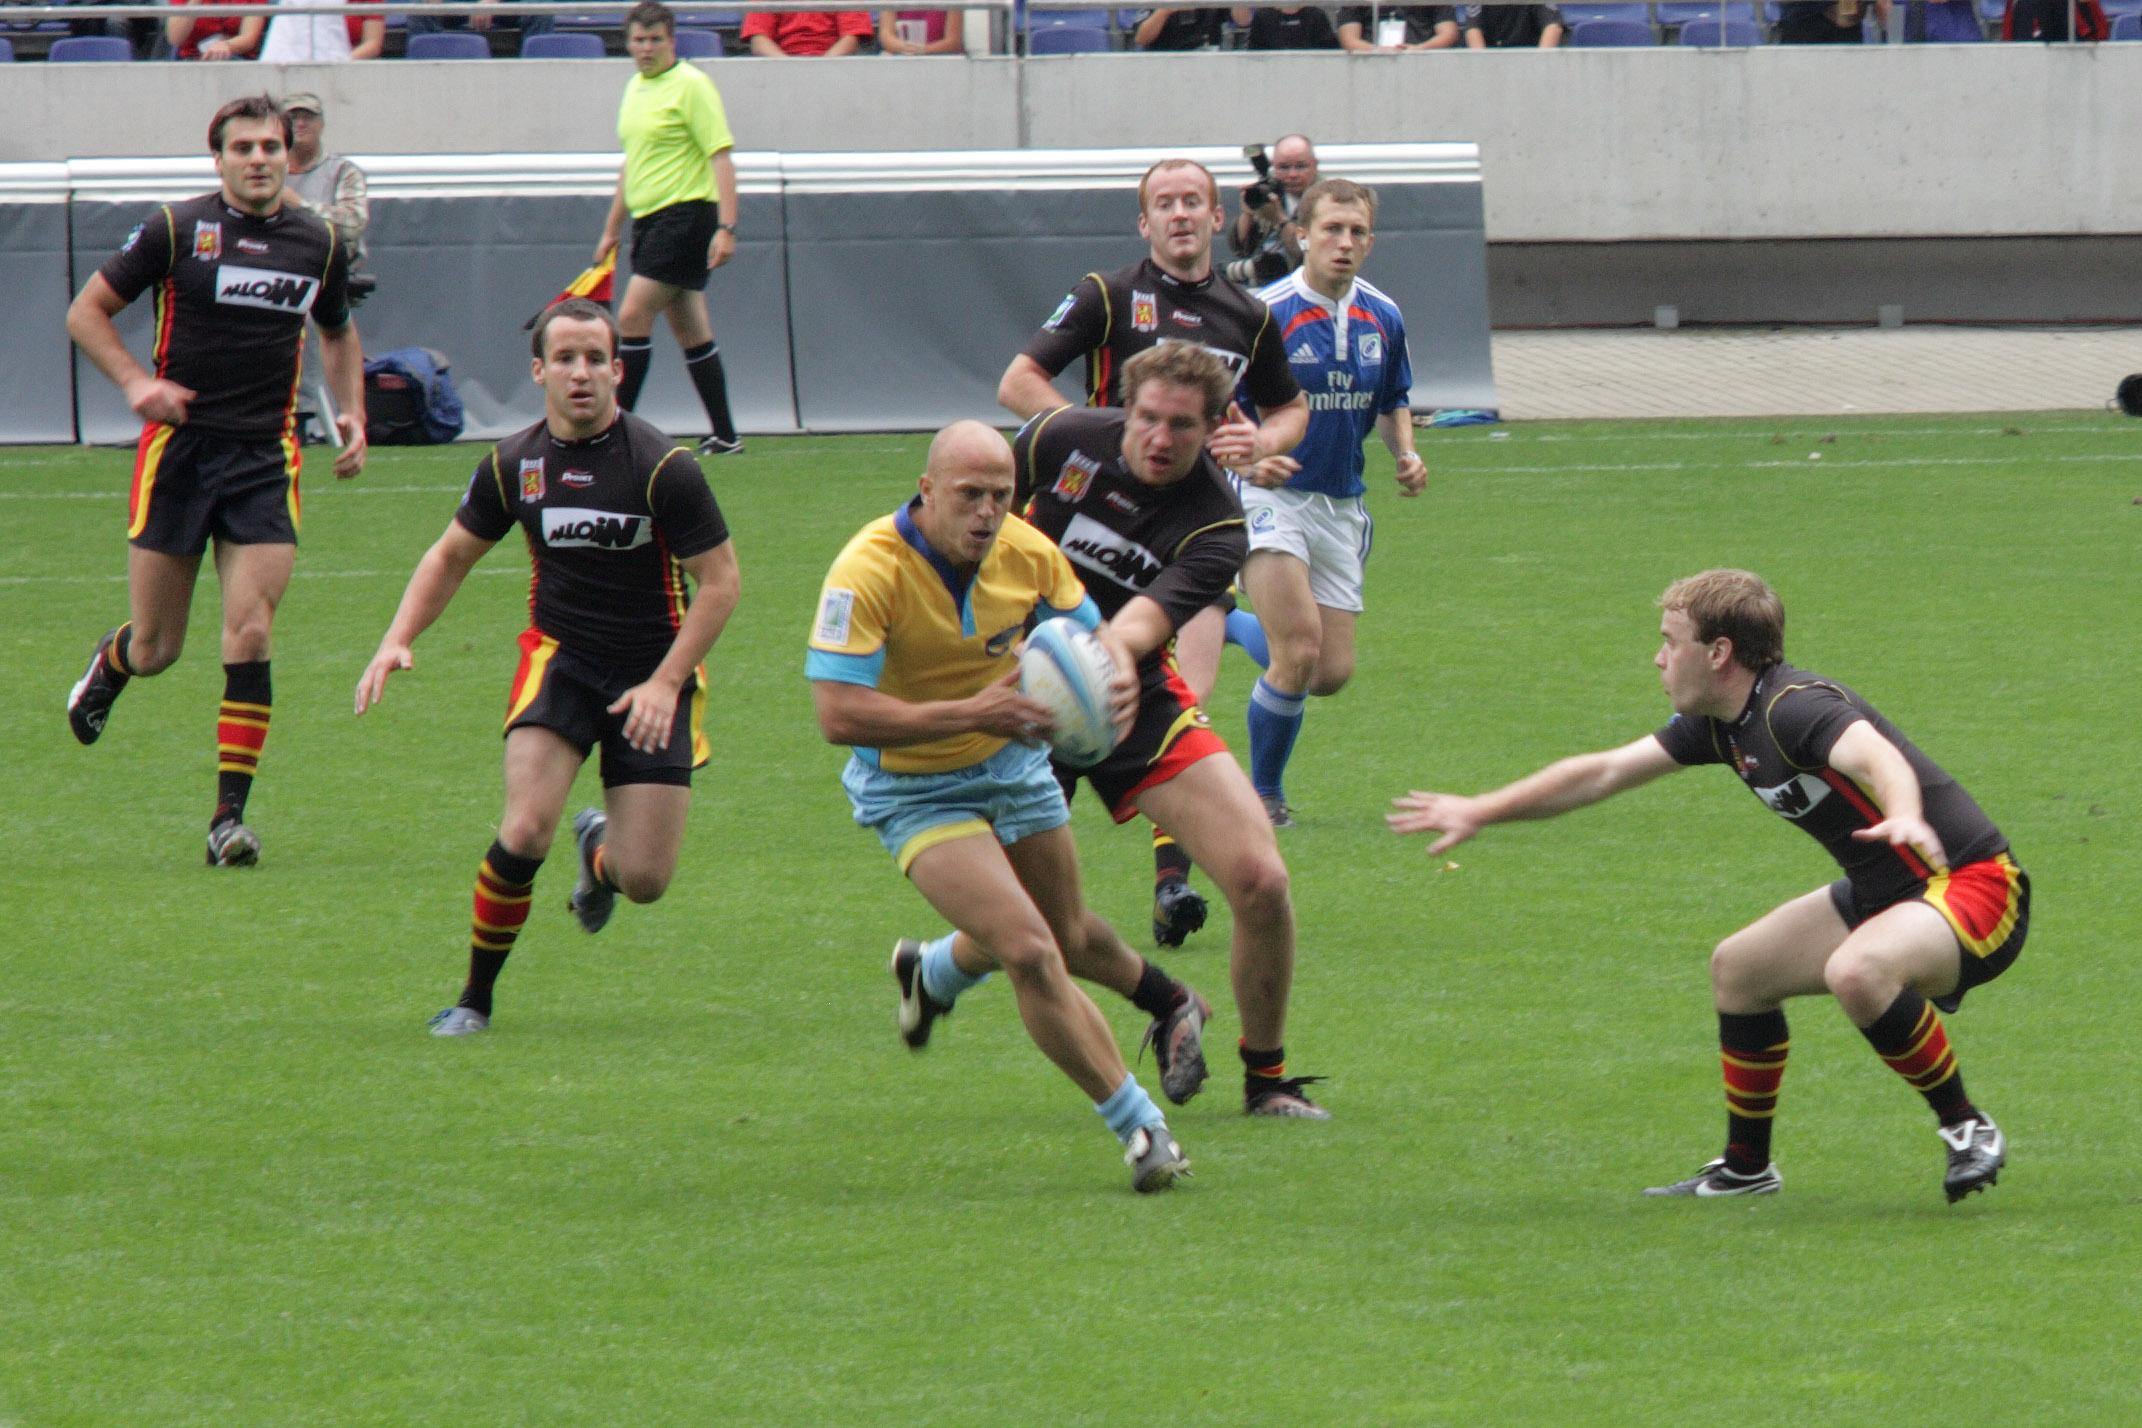 7er rugby